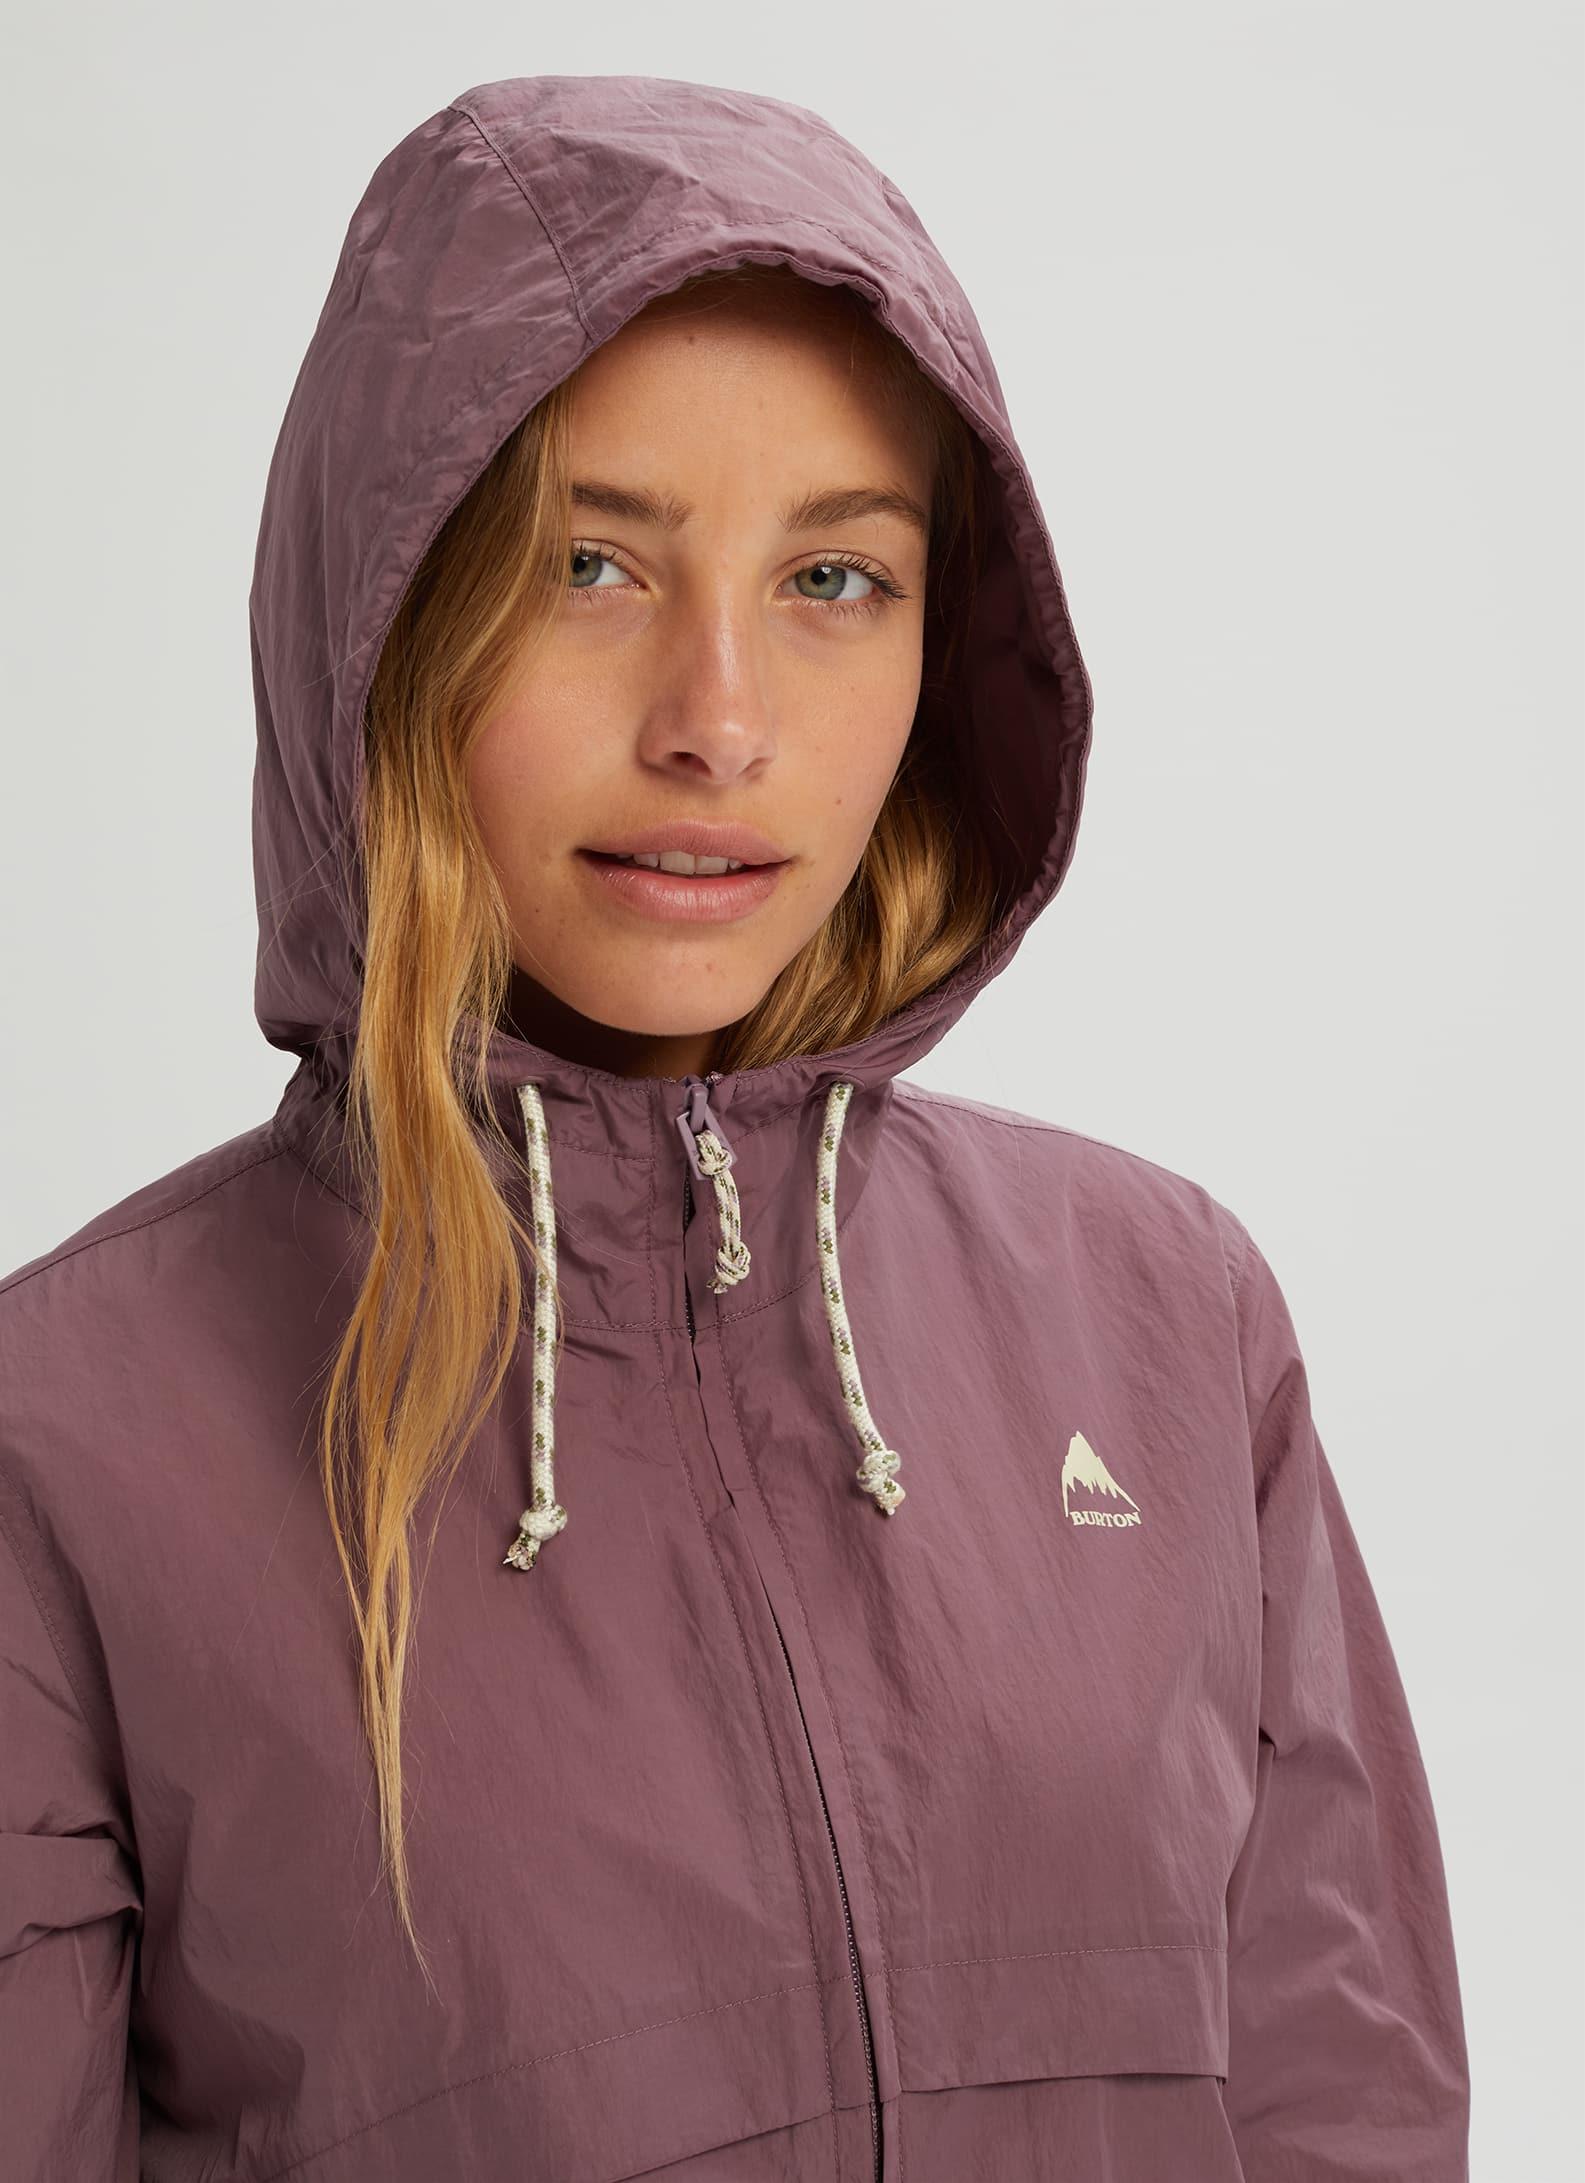 96a5a3805c3b3 Women's Jackets & Outerwear | Burton Snowboards